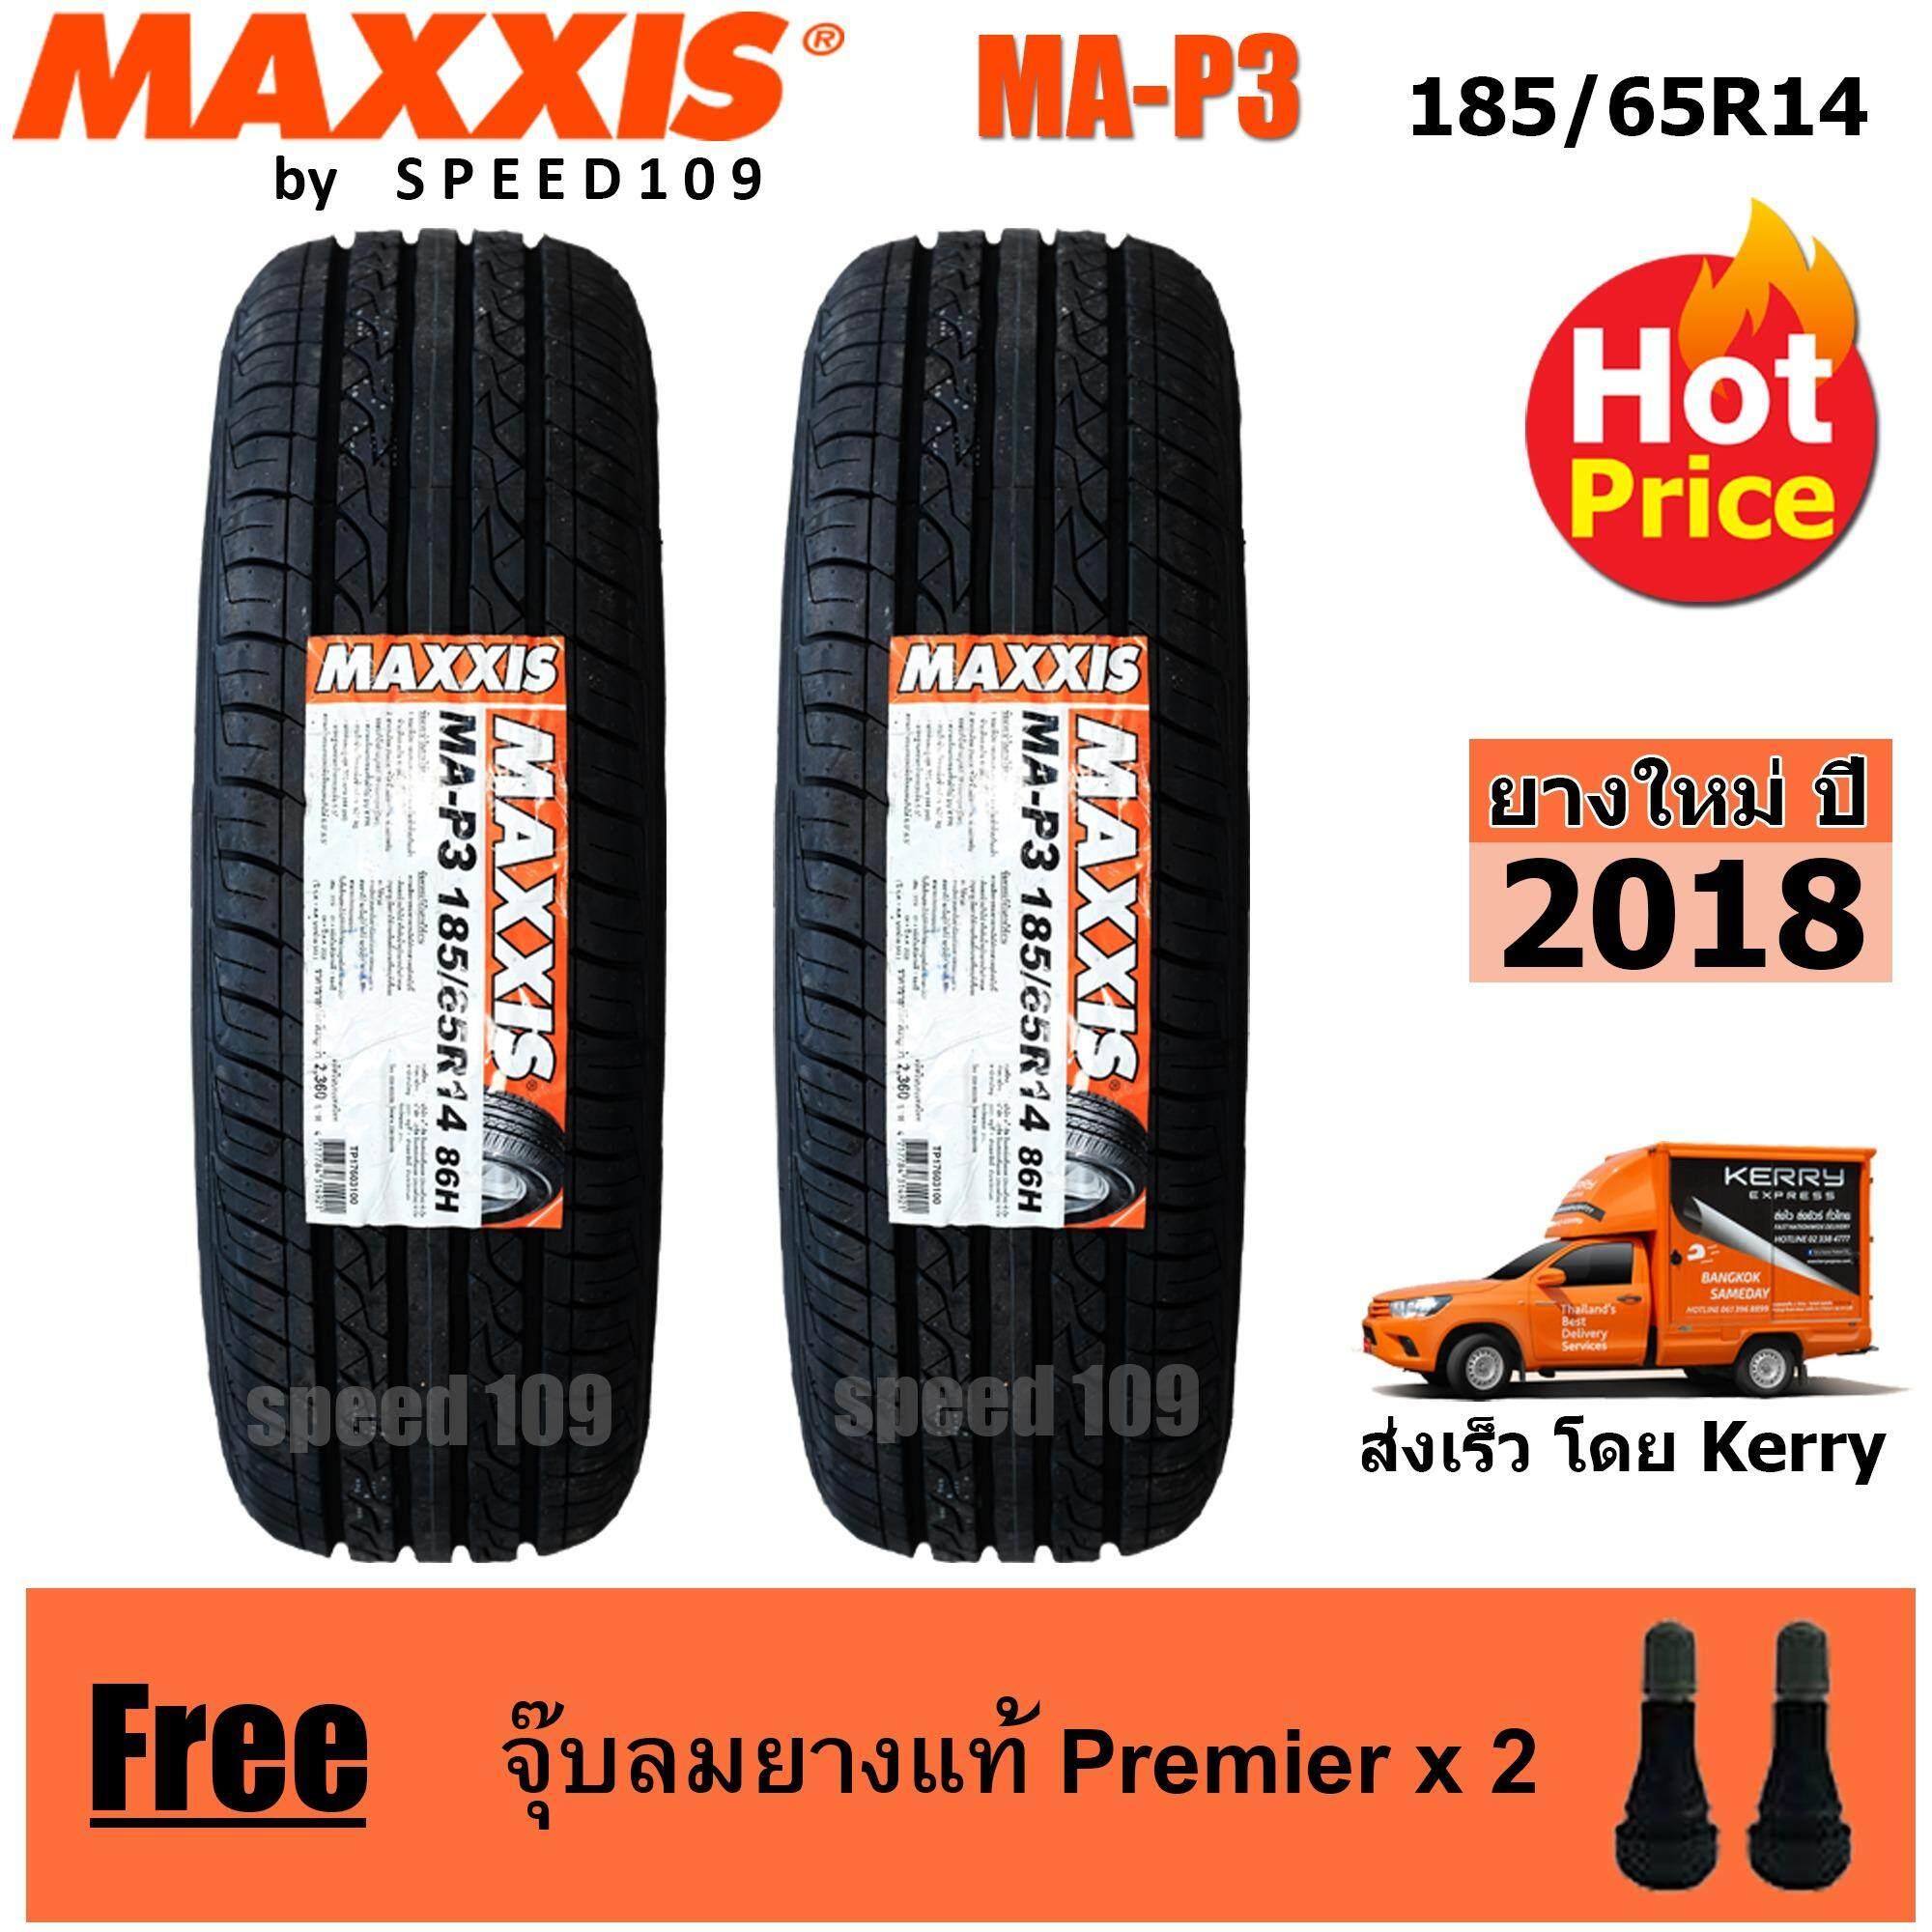 ขาย ซื้อ ออนไลน์ Maxxis ยางรถยนต์ รุ่น Ma P3 ขนาด 185 65R14 2 เส้น ปี 2018